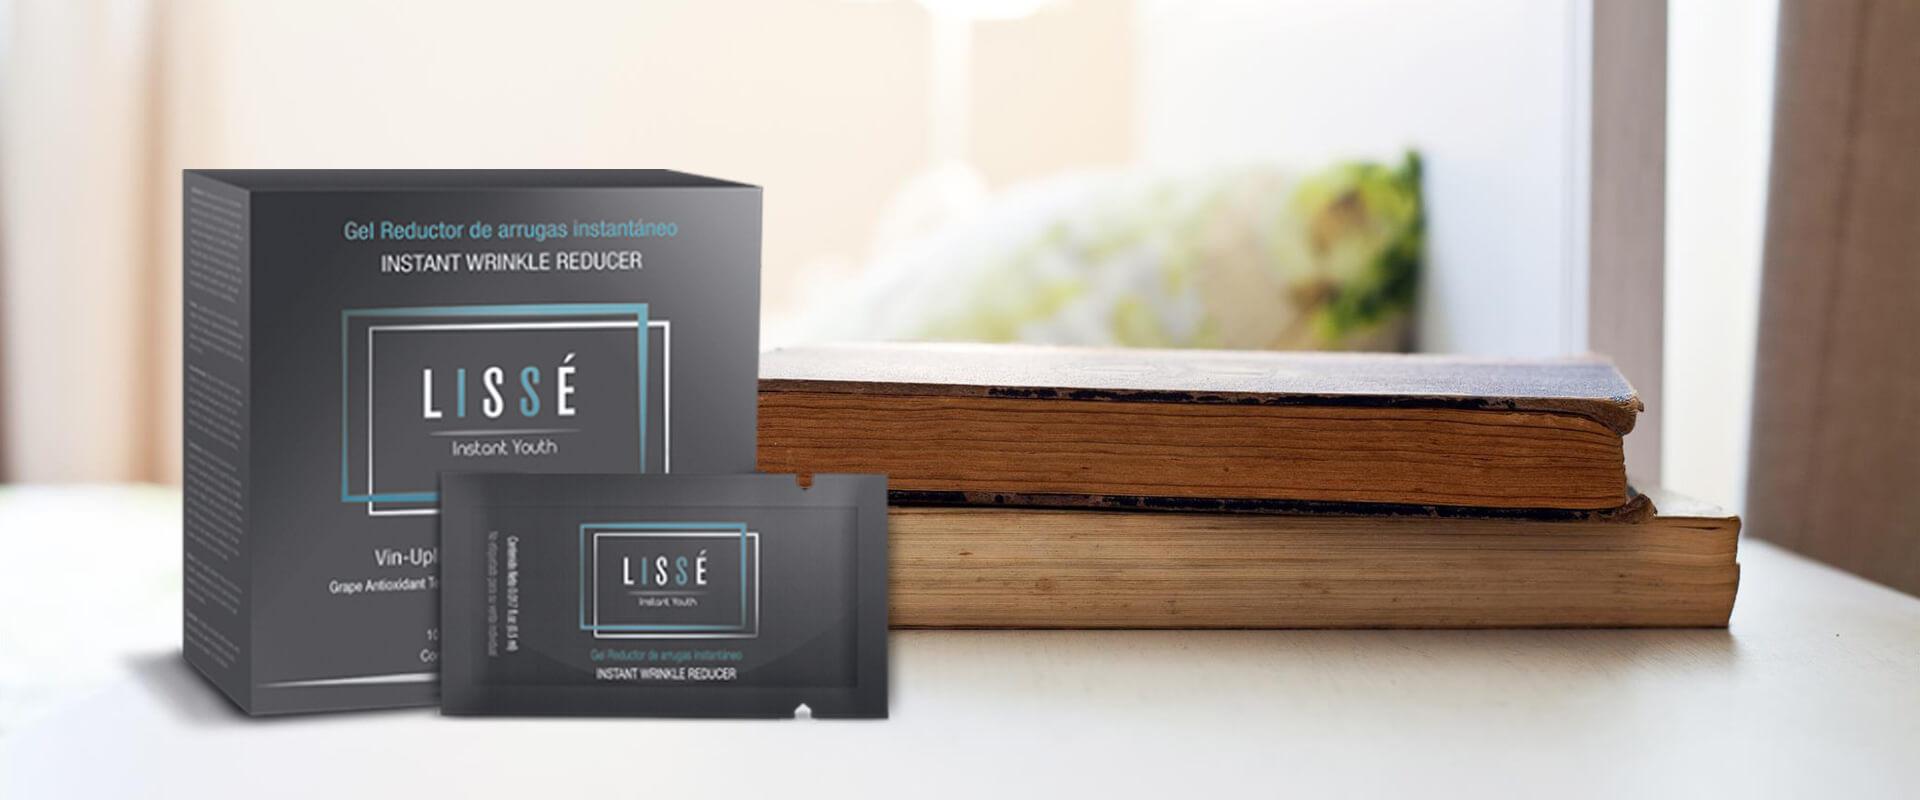 Varios sobres del producto de belleza Lissé sobre una mesa con libros.